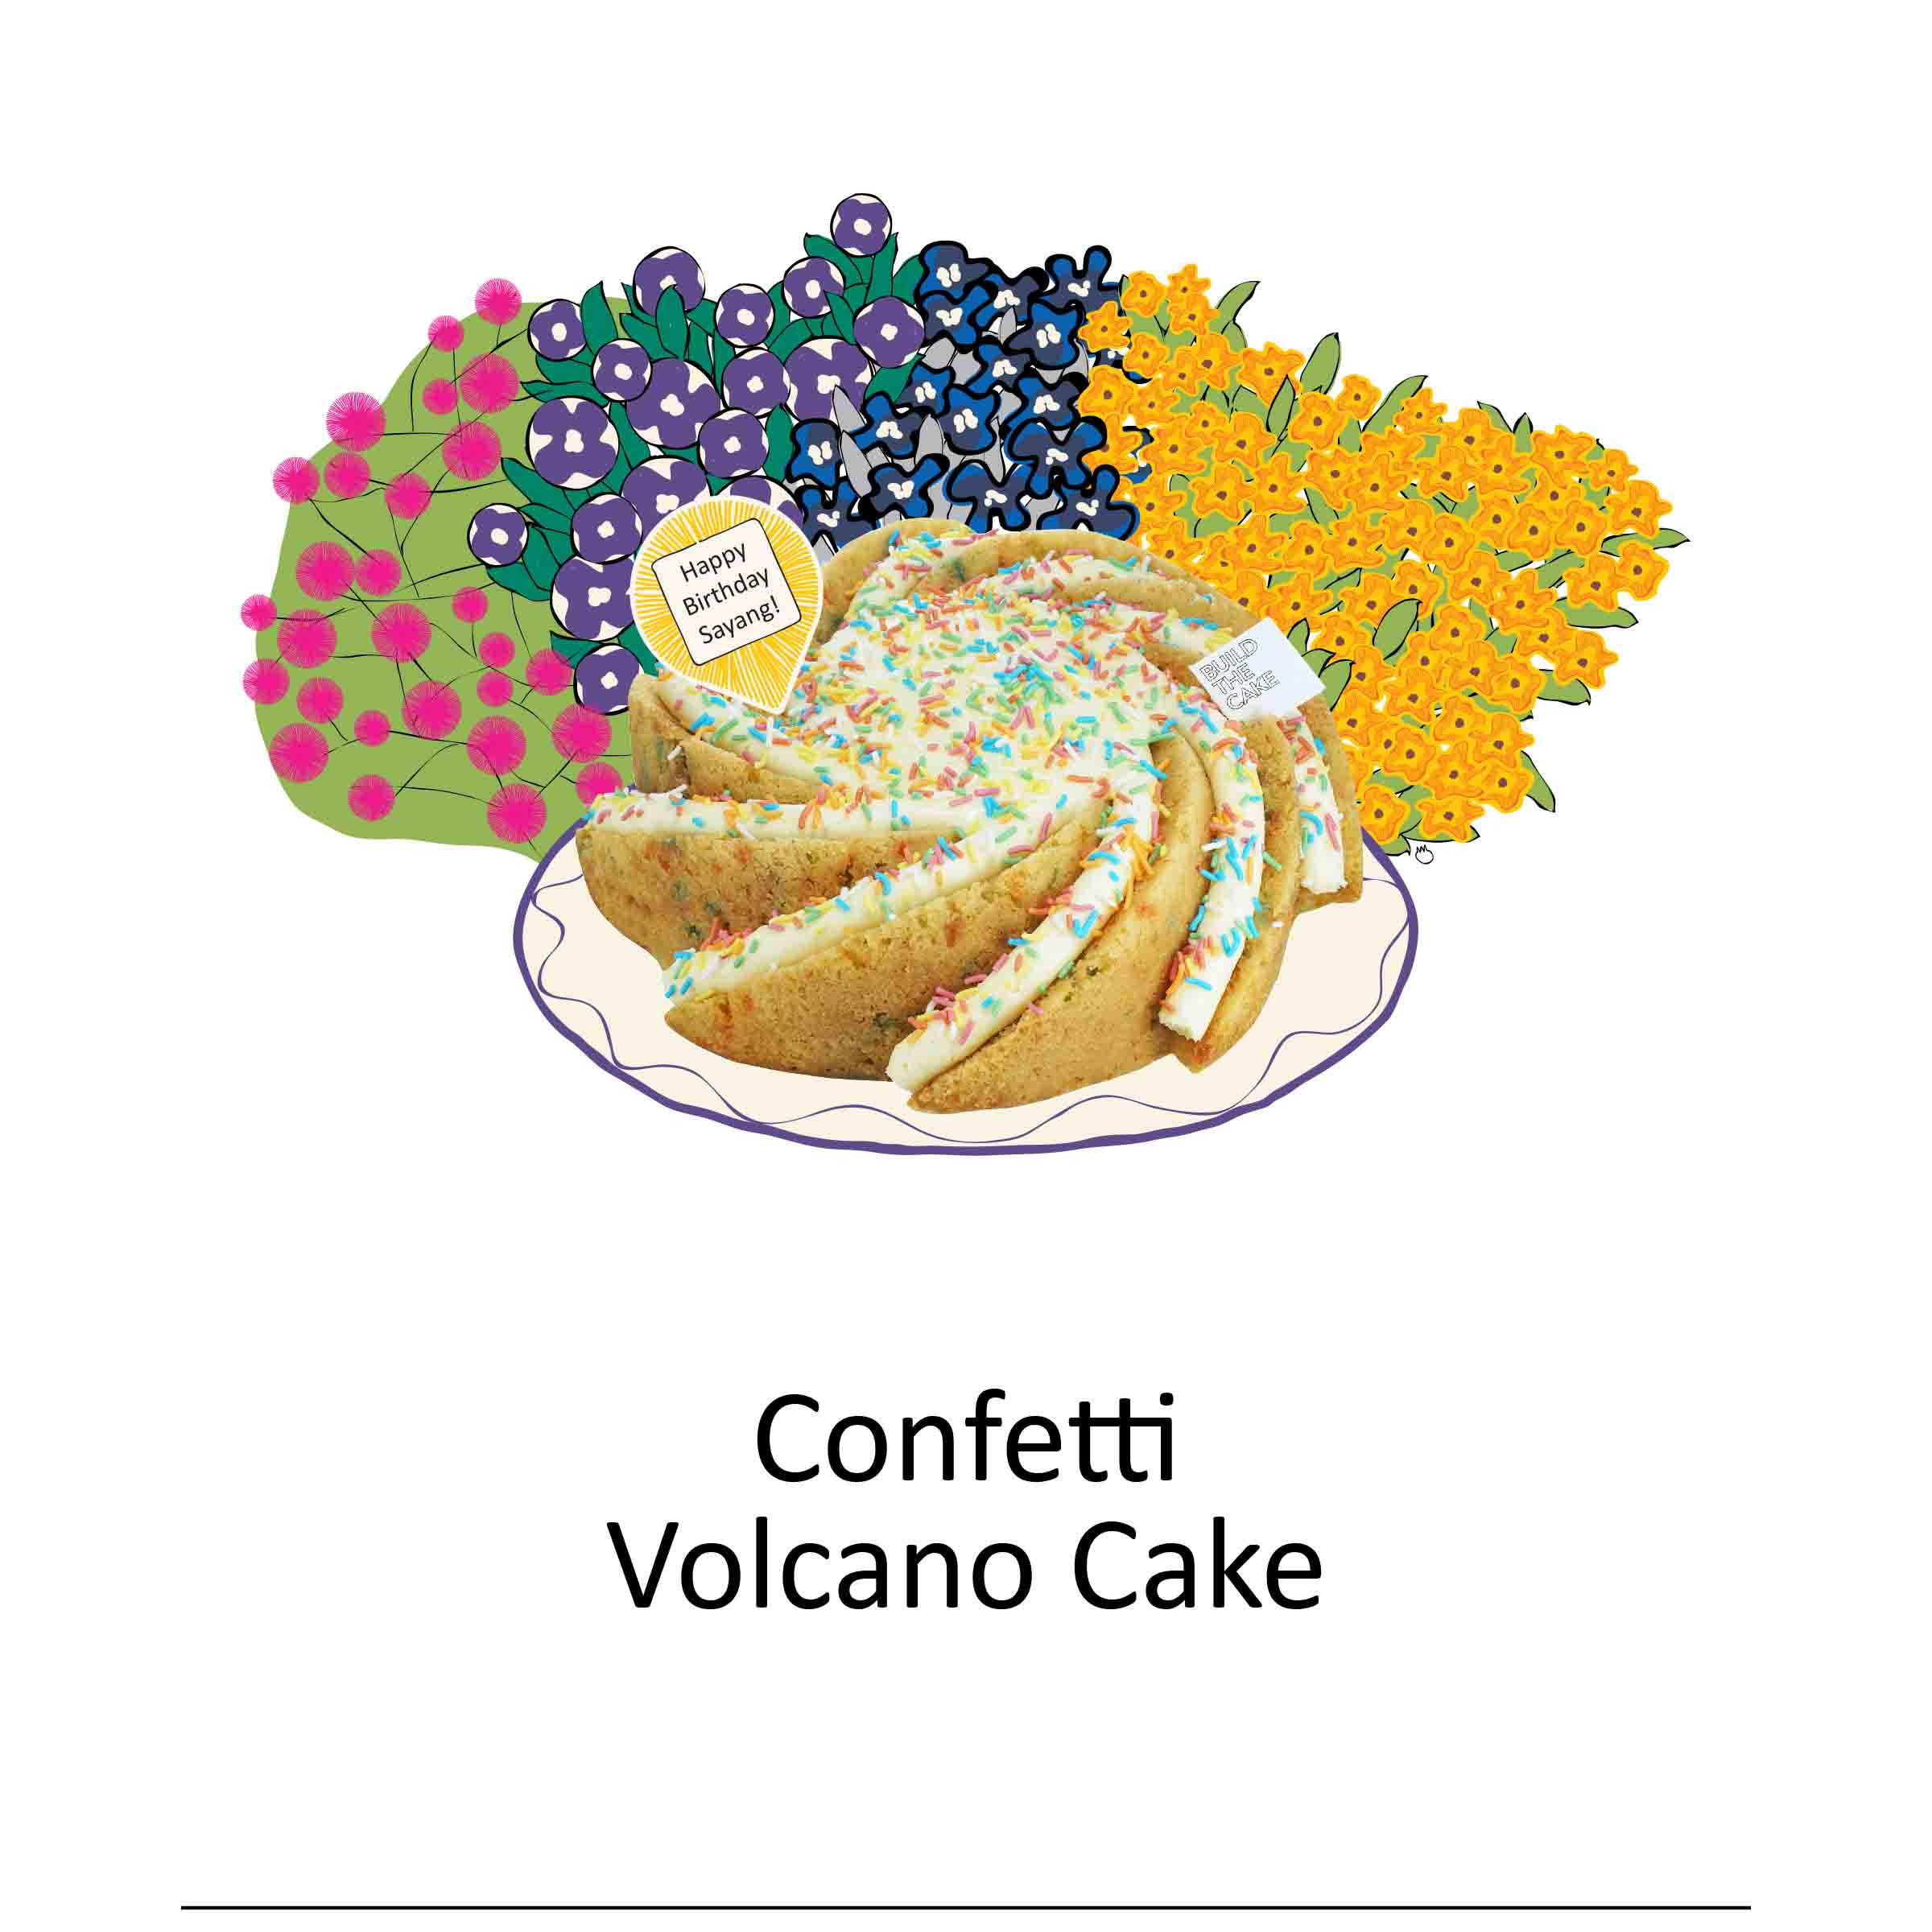 Confetti Volcano Cake